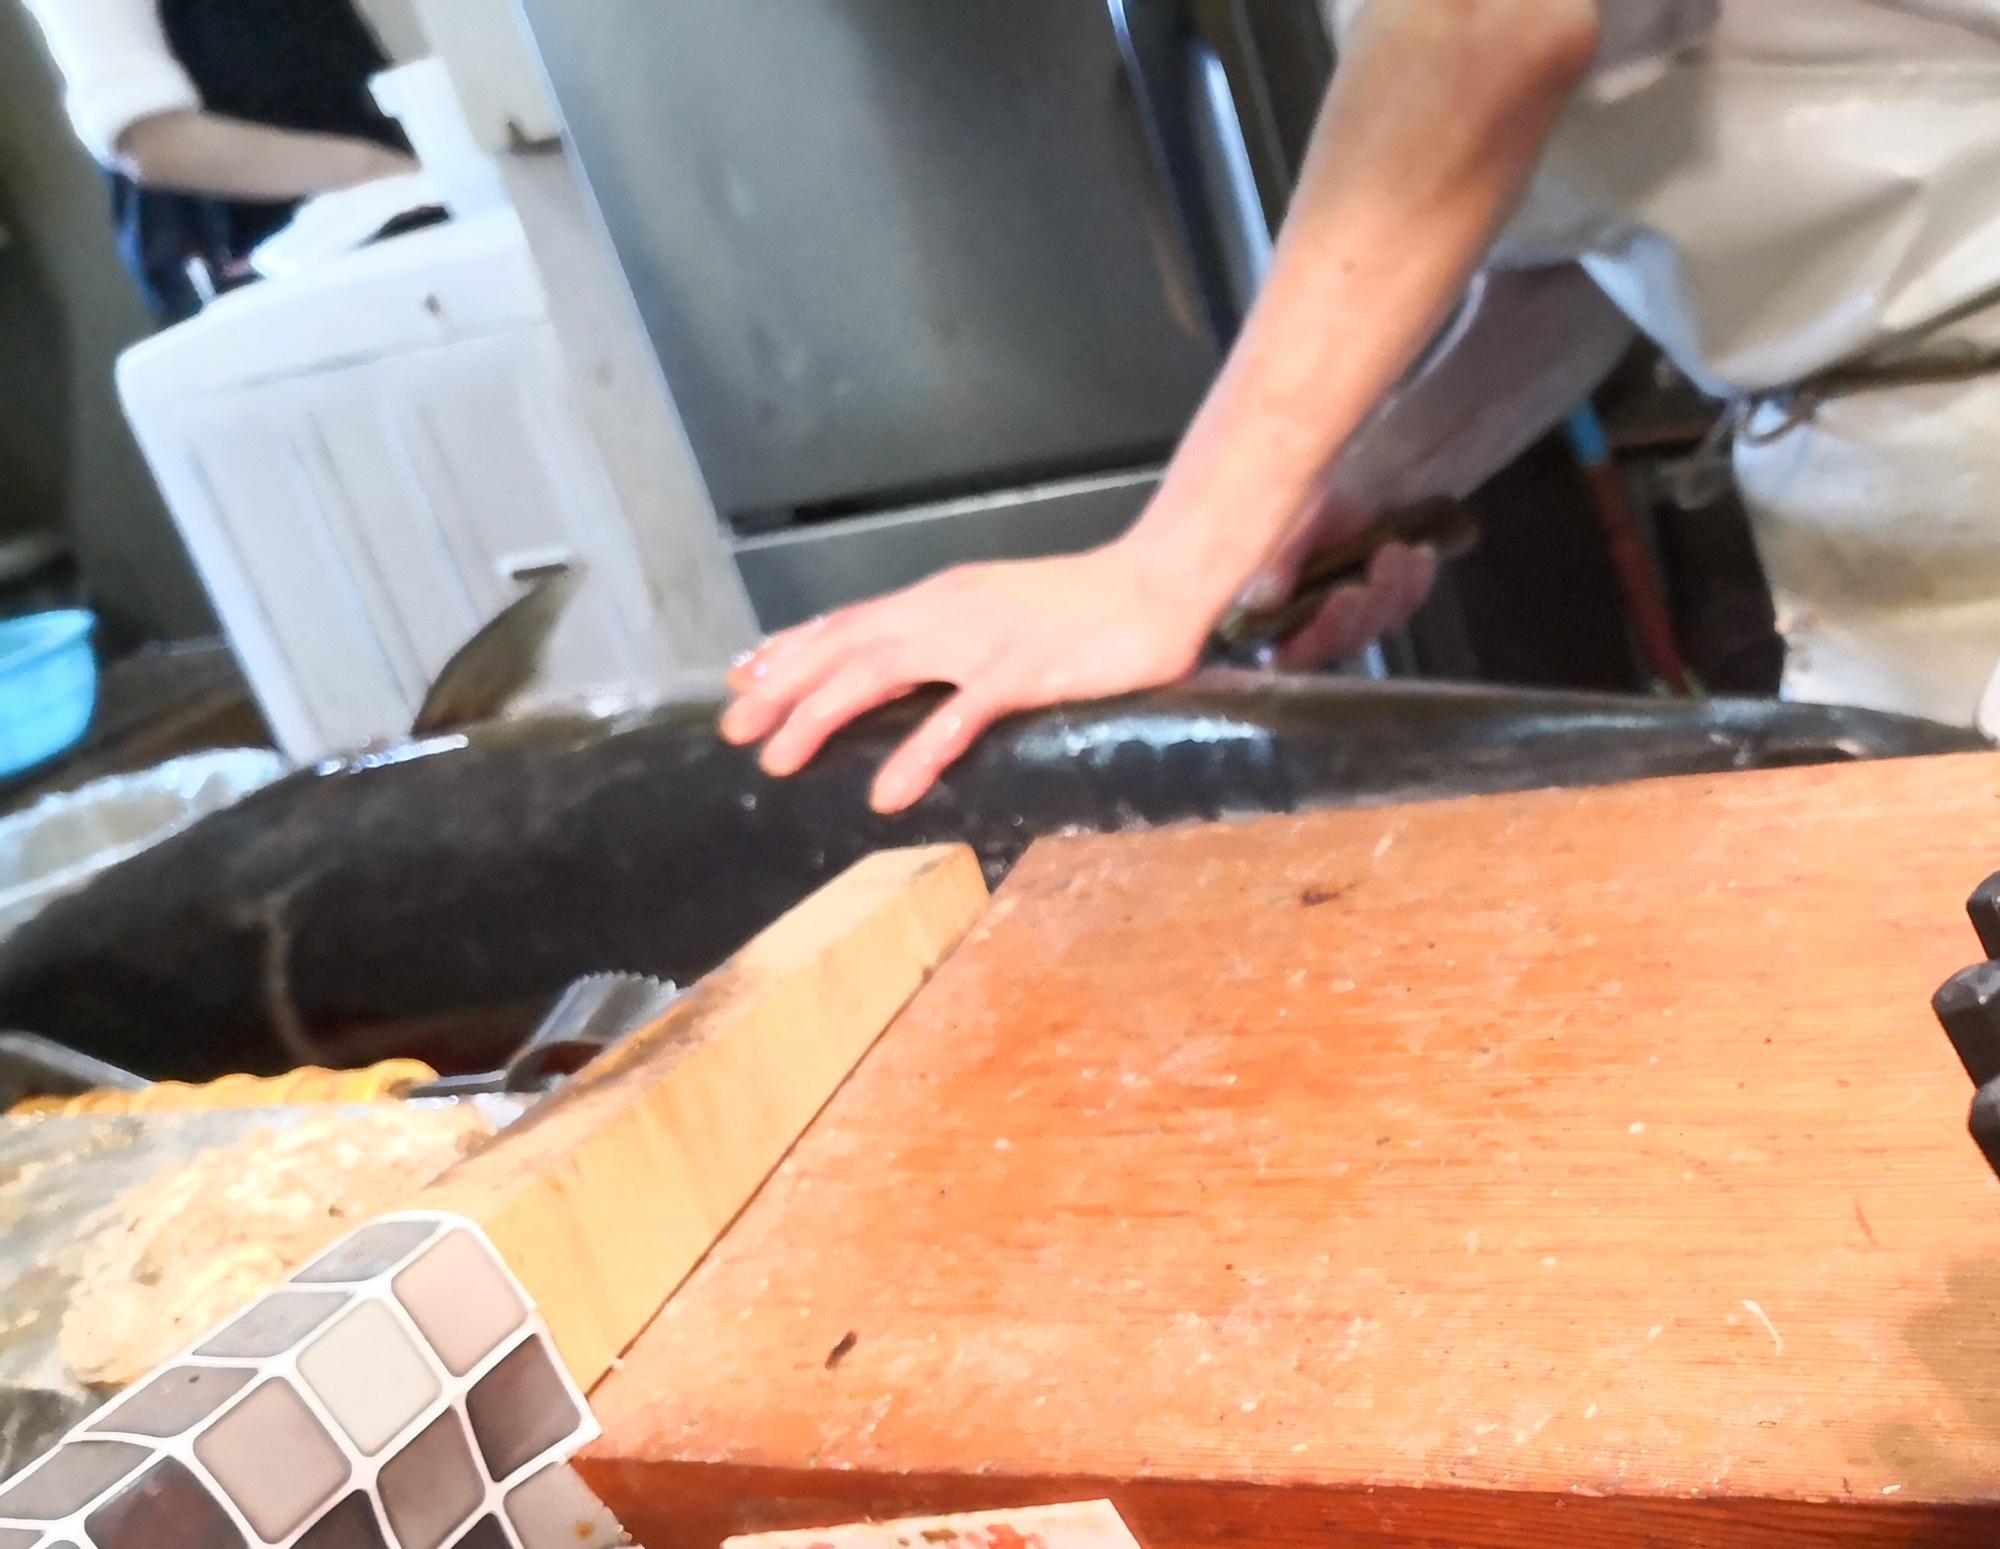 福岡グルメ朝食 鮮魚市場 おきよ食堂